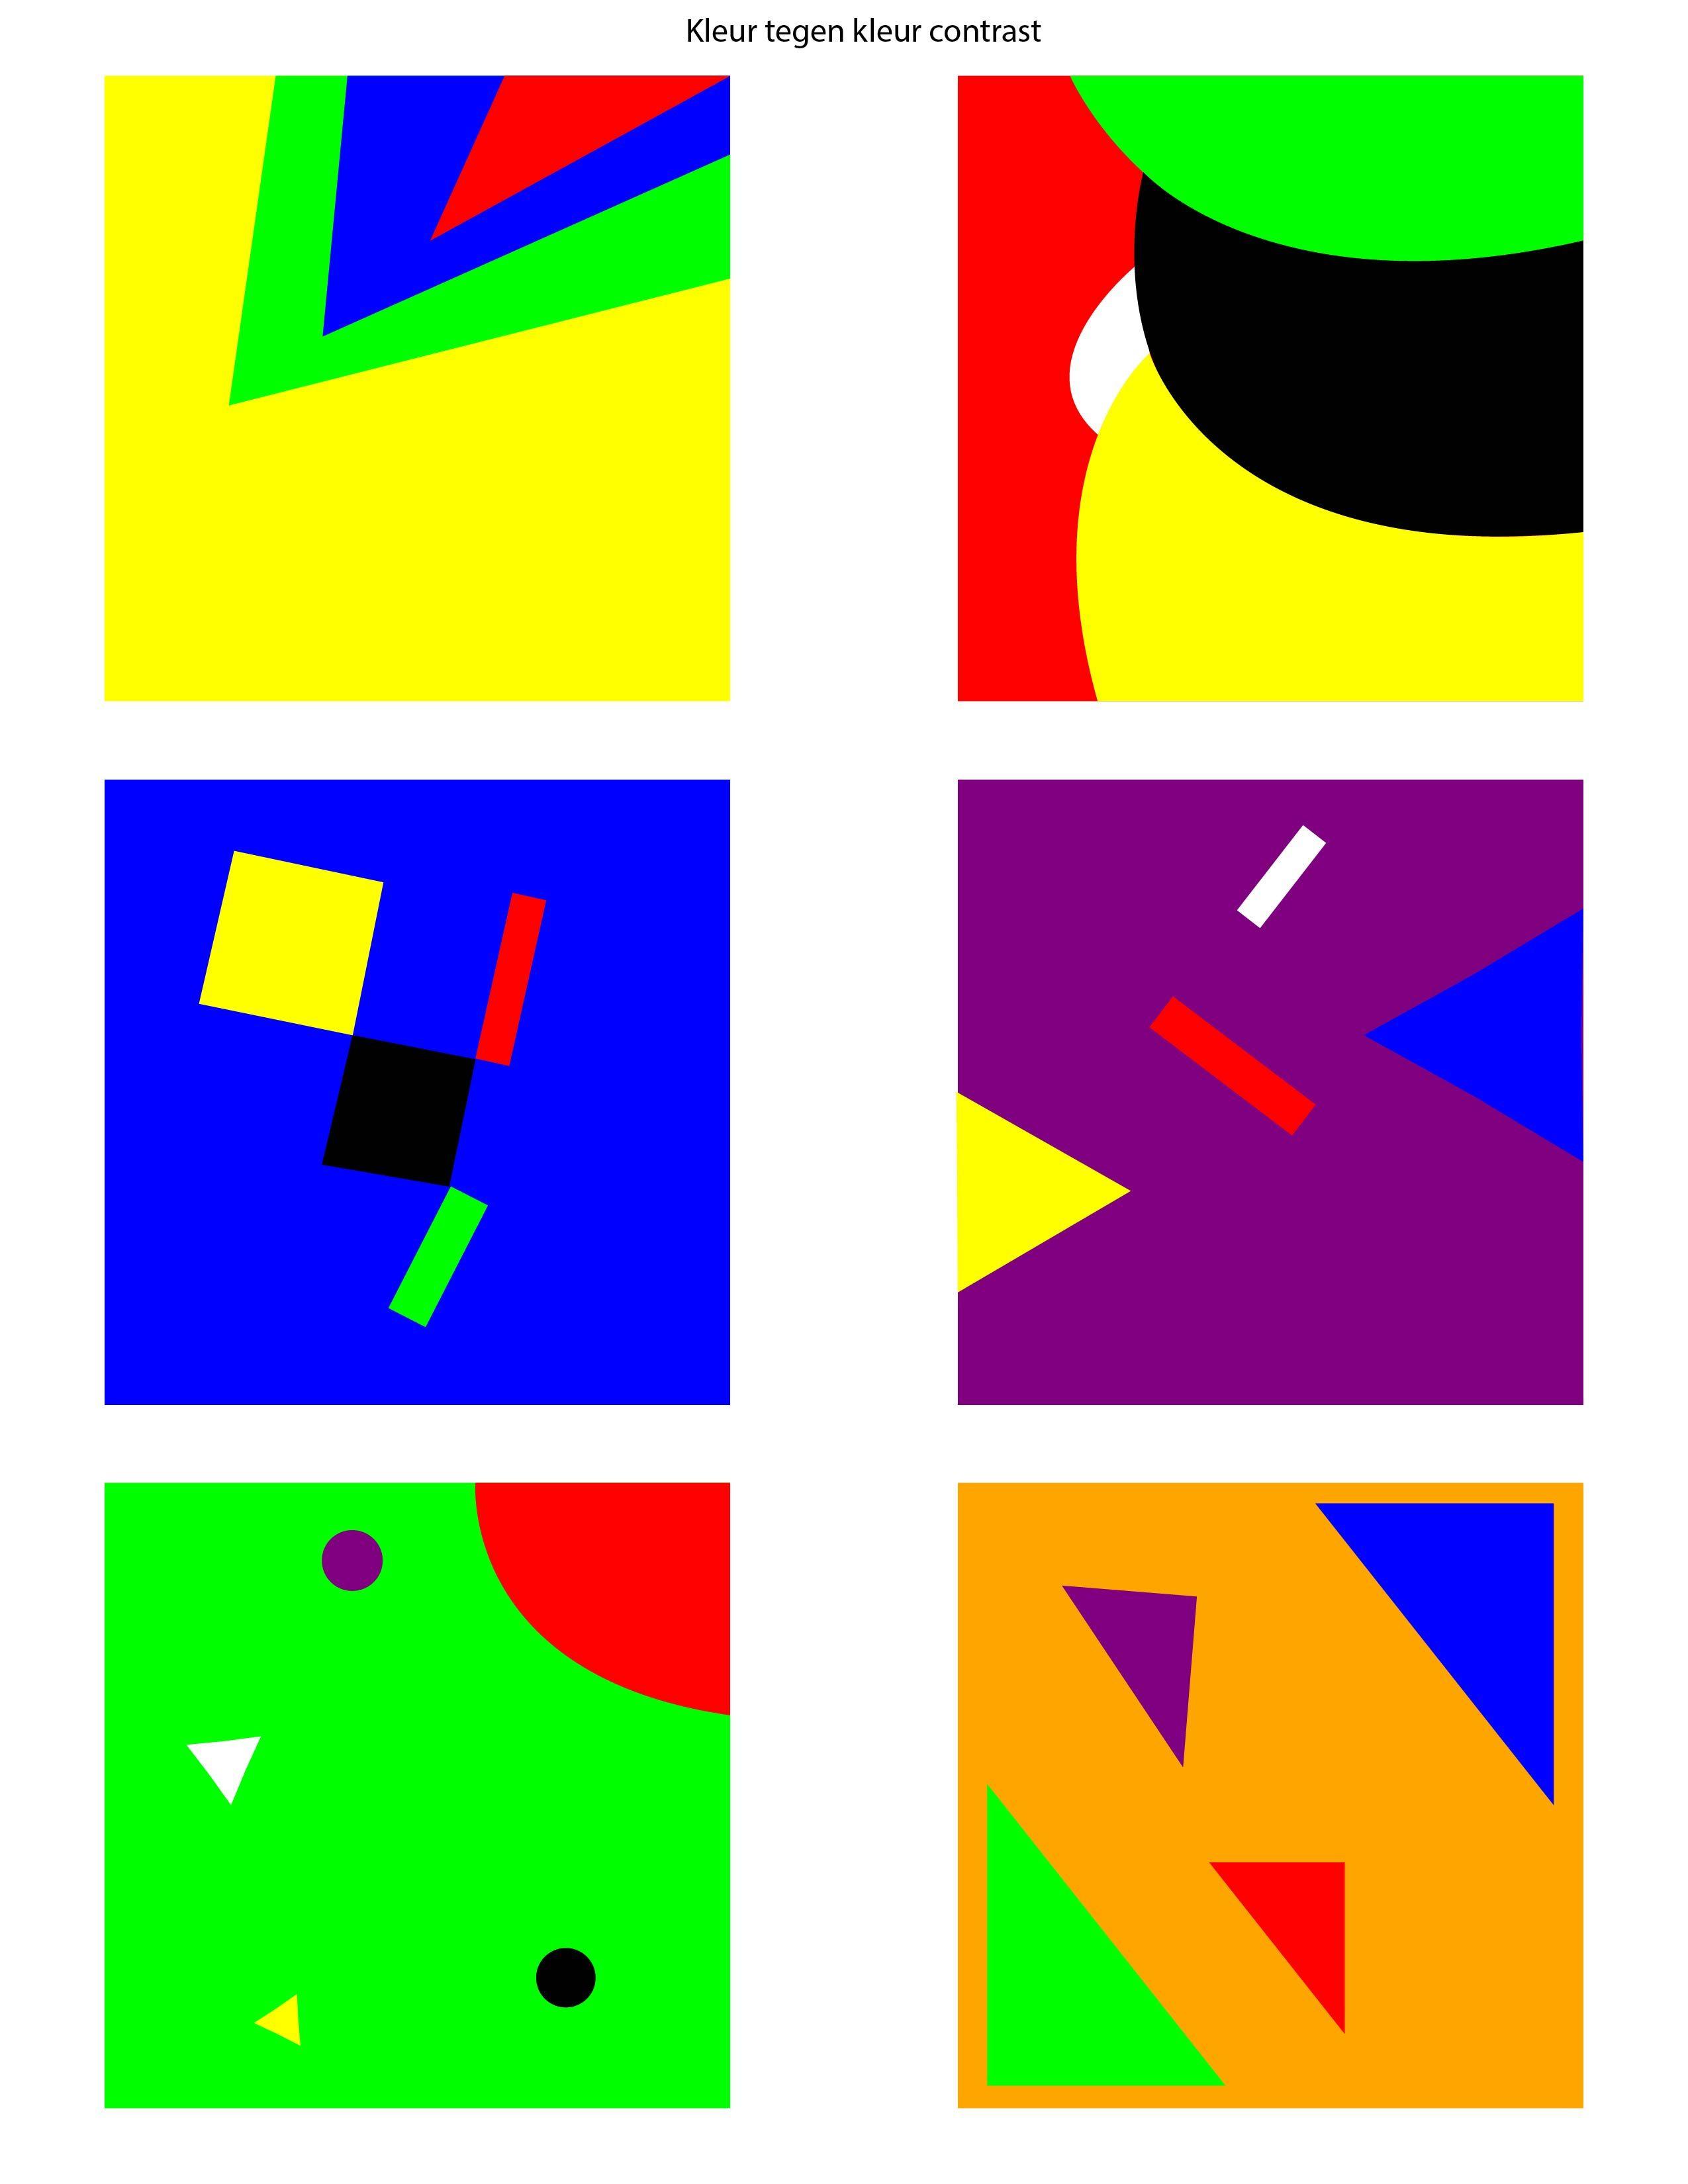 Kleur tegen kleur contrast